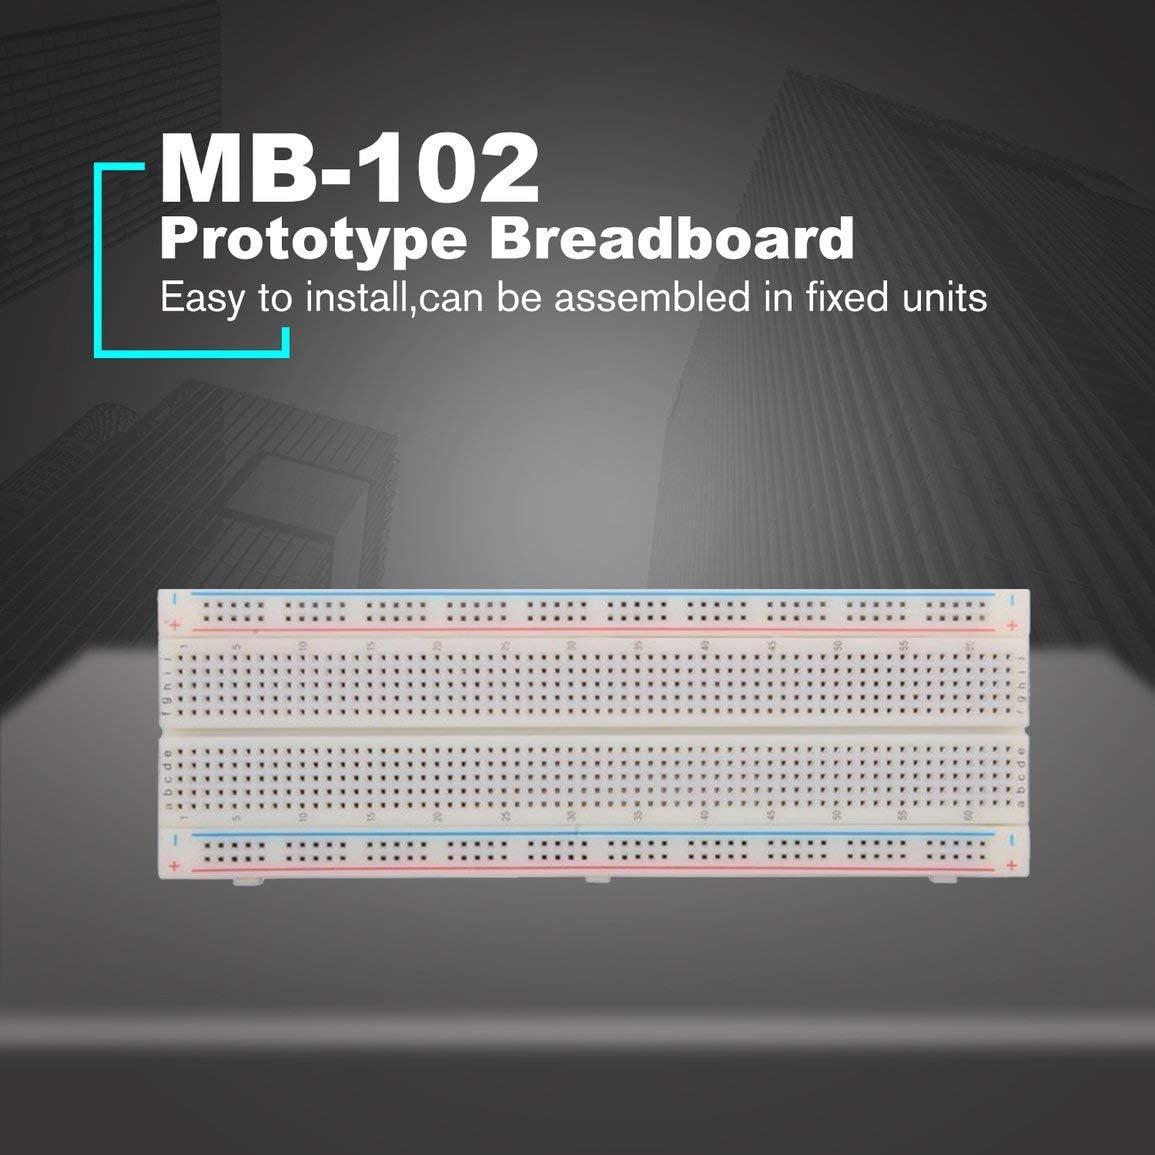 Couleur: Rouge Garciaria Planche /à Pain Prototype MB-102 pour Panneau de Circuit imprim/é Protoboard KIT DIY Prototype Universel BreadBoard 16.5X5.5CM 830Holes sans Soudure